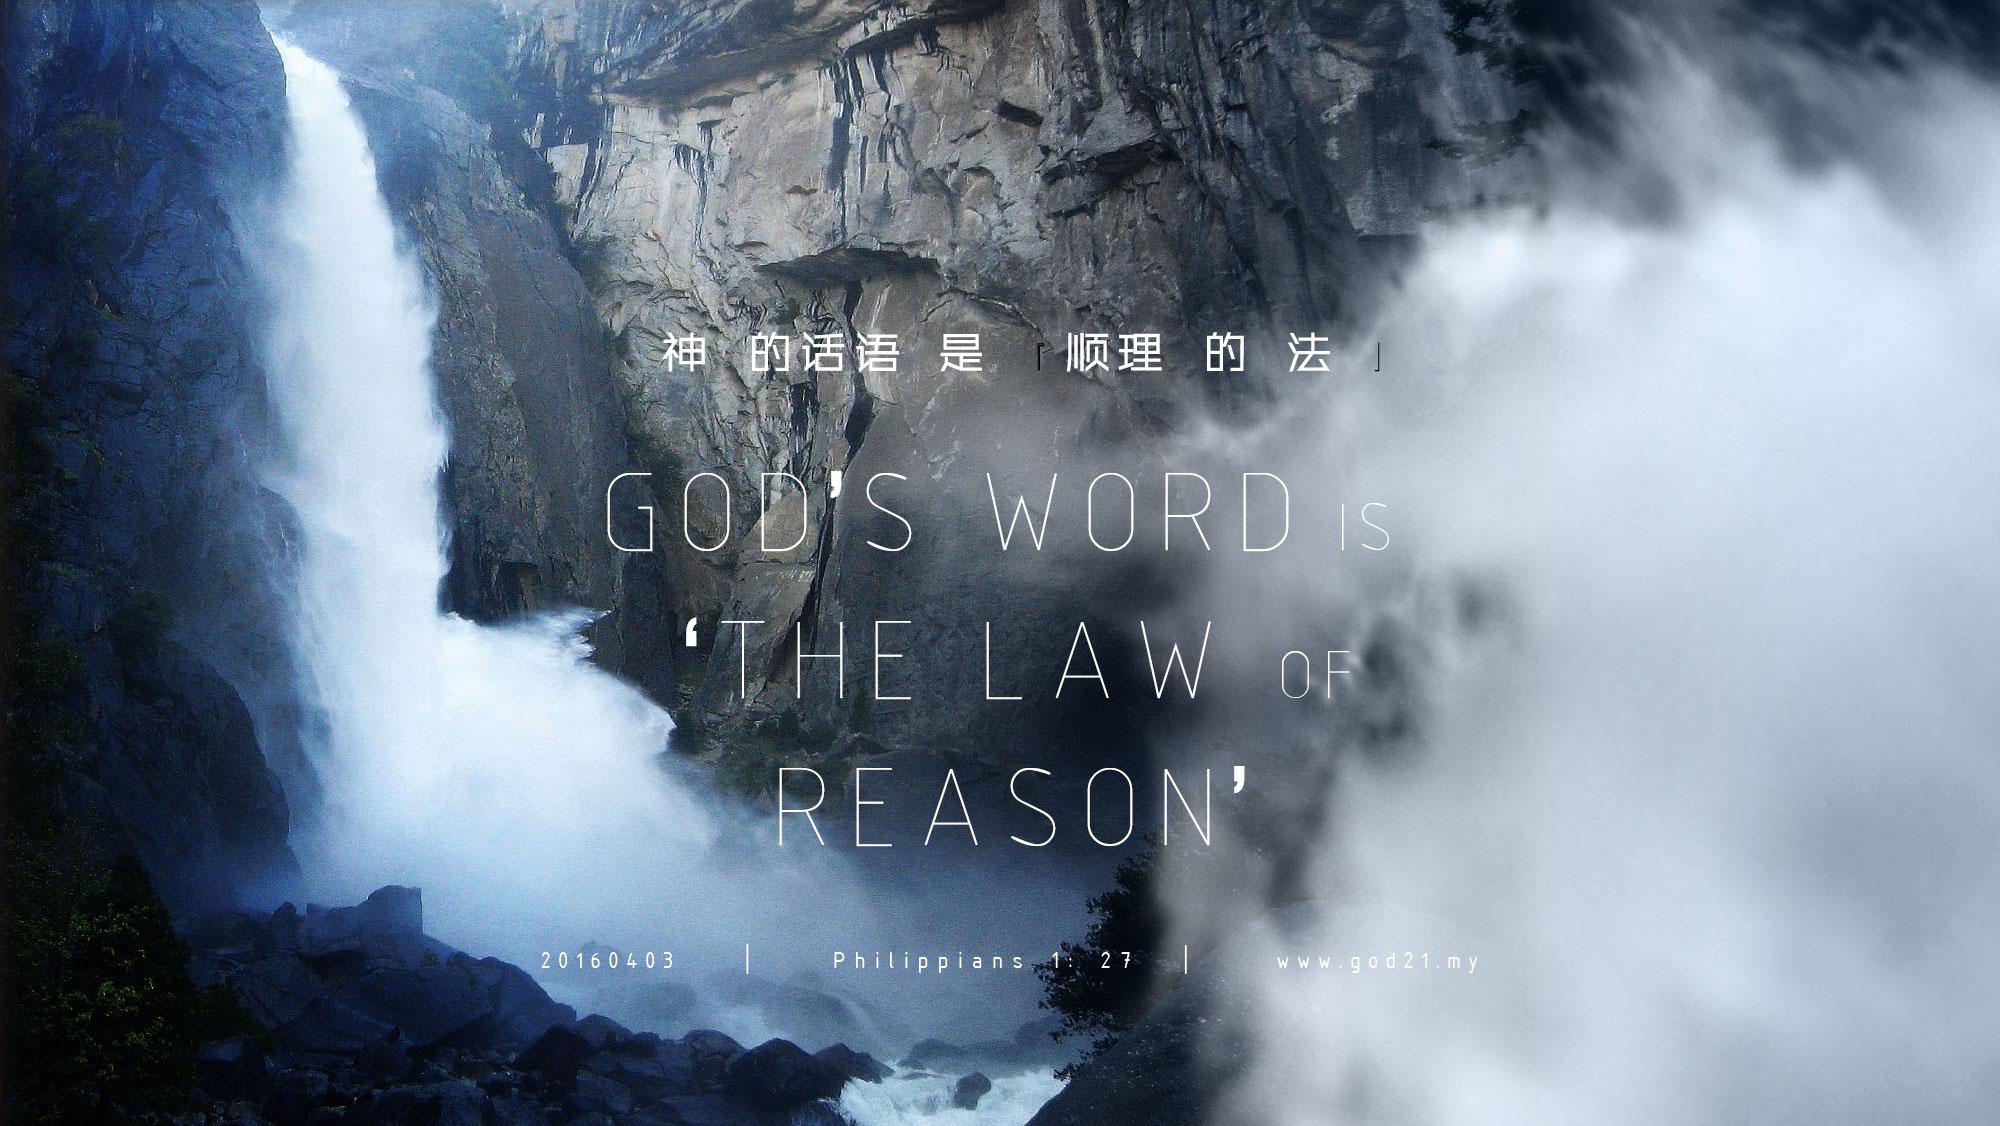 神的话语是「顺理的法」